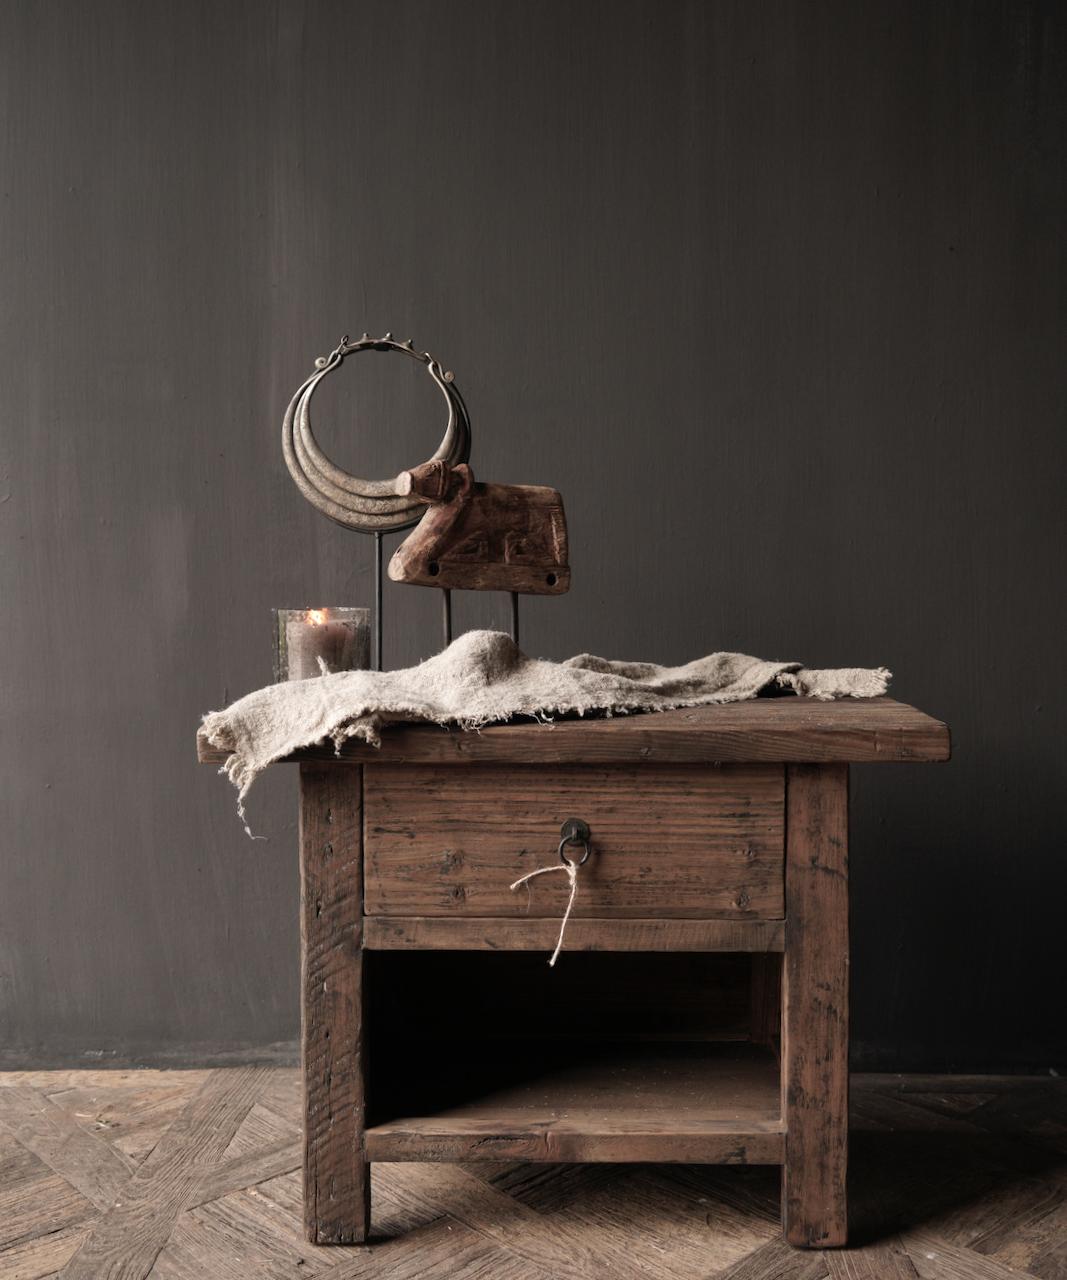 Alter Treibholzholzschrank oder Nachttisch mit Schublade-1